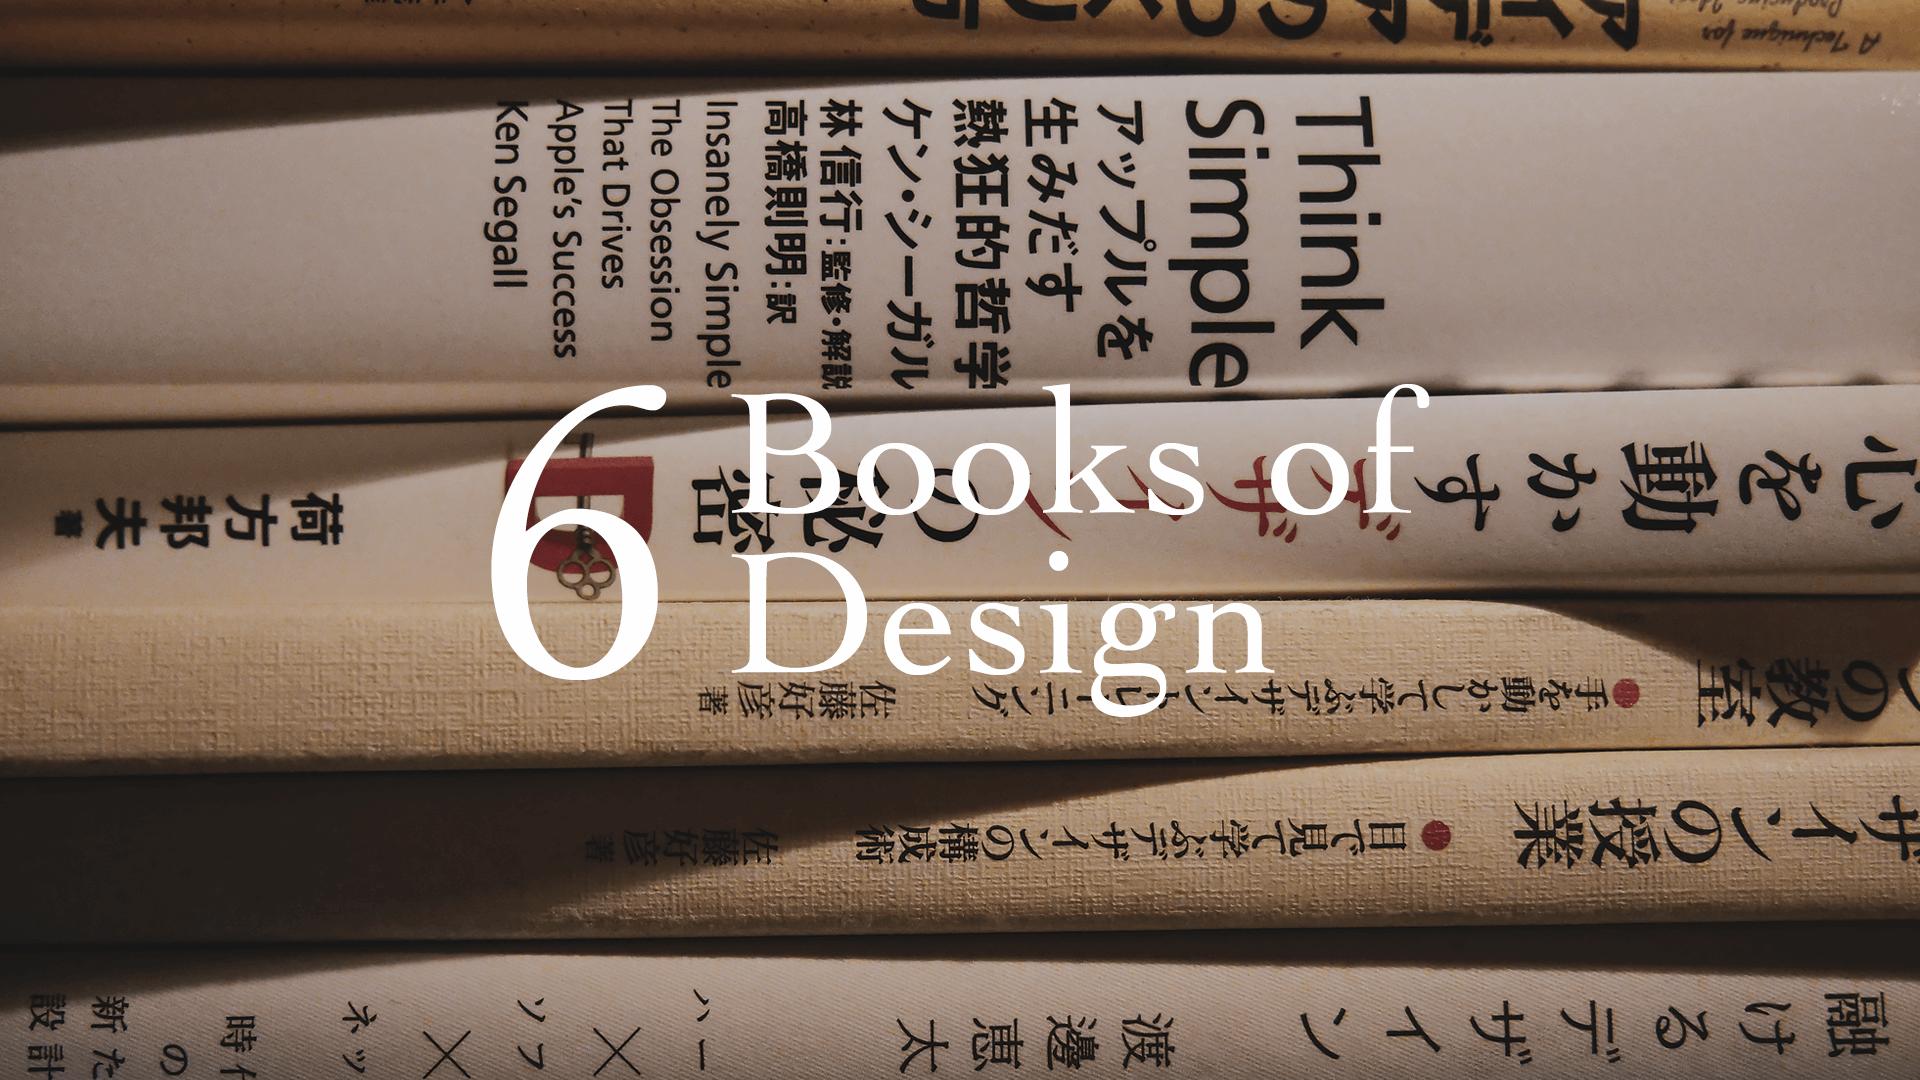 おすすめできるデザイン関係の本を6冊選んでみました